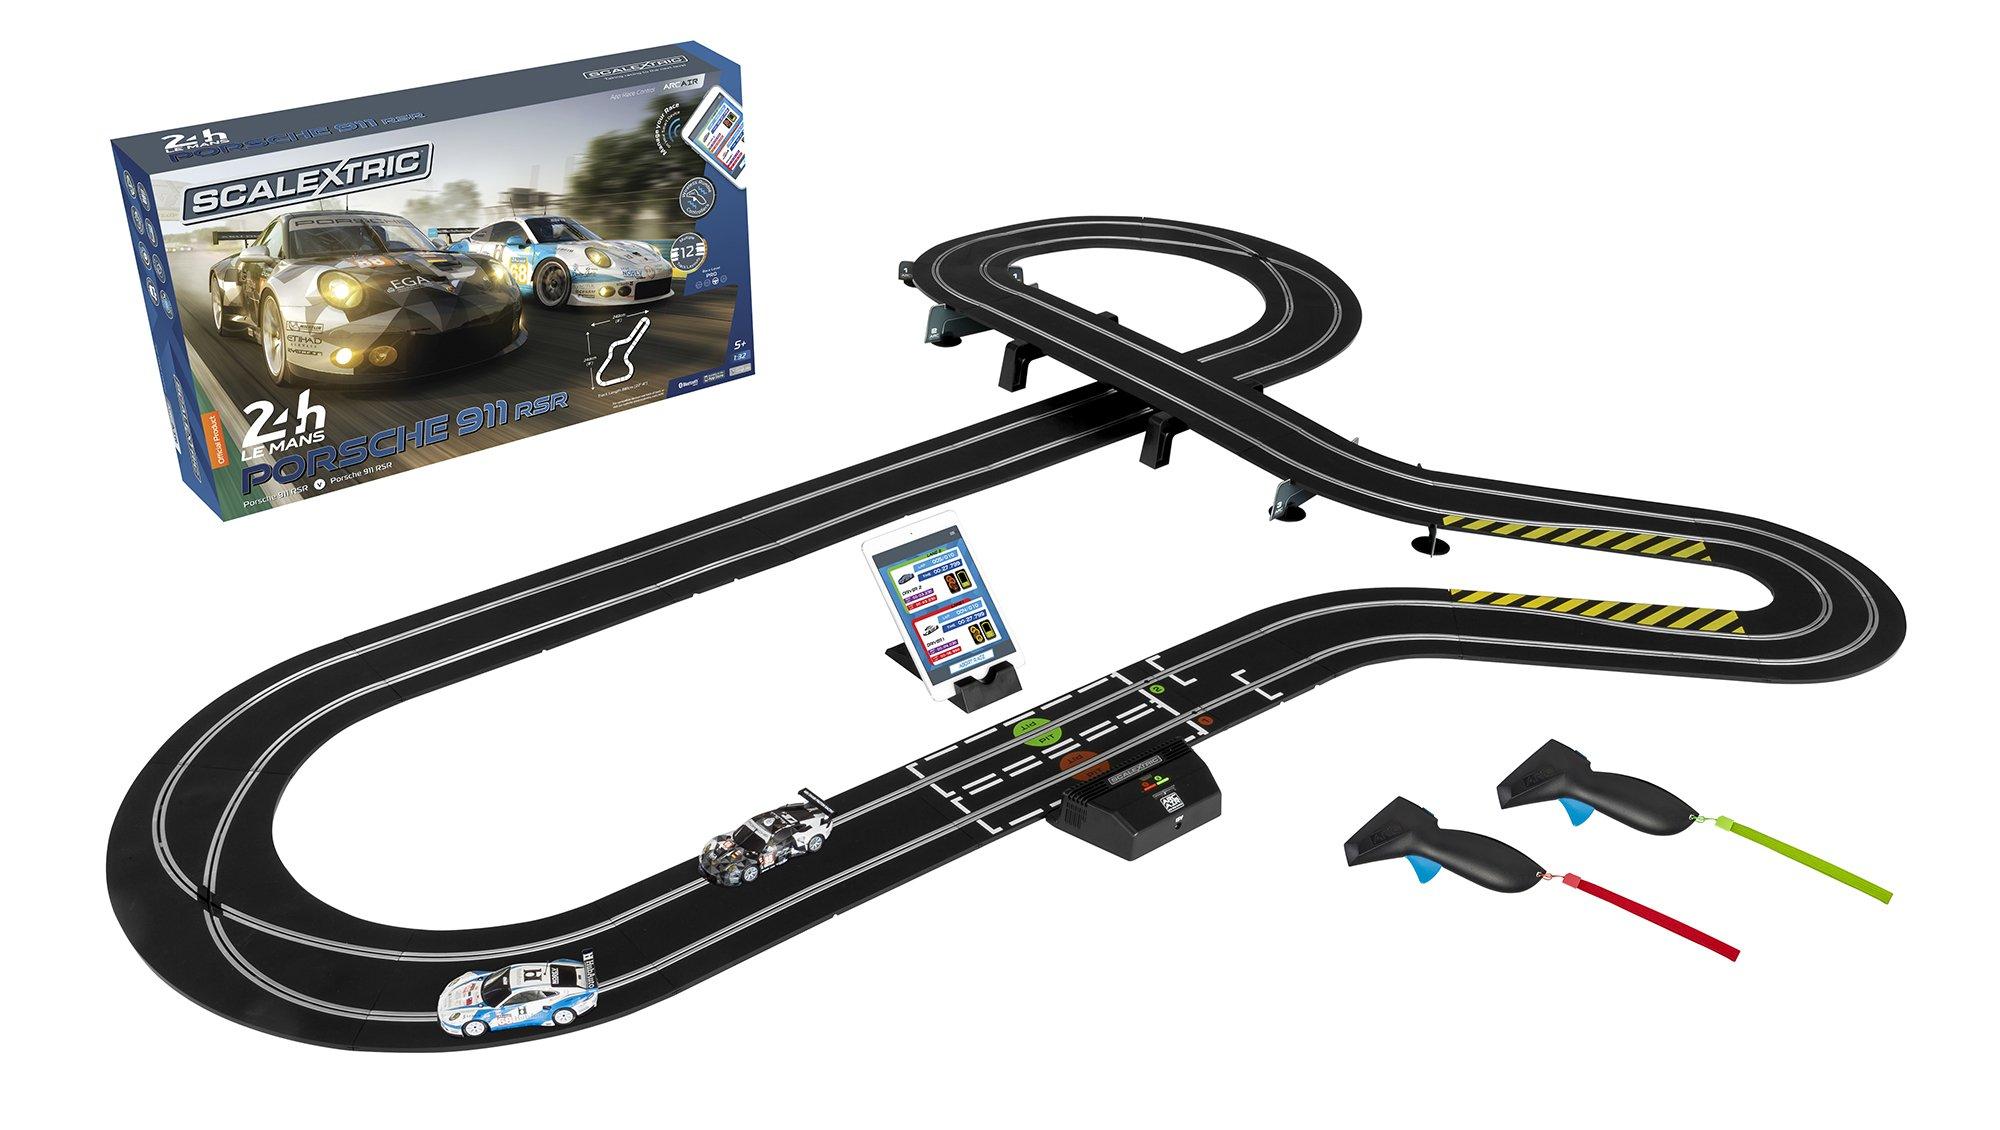 Scalextric Arc Air 24hr Le Mans Porsche 911 1:32 Slot Car Race Track Playset C1359T Set